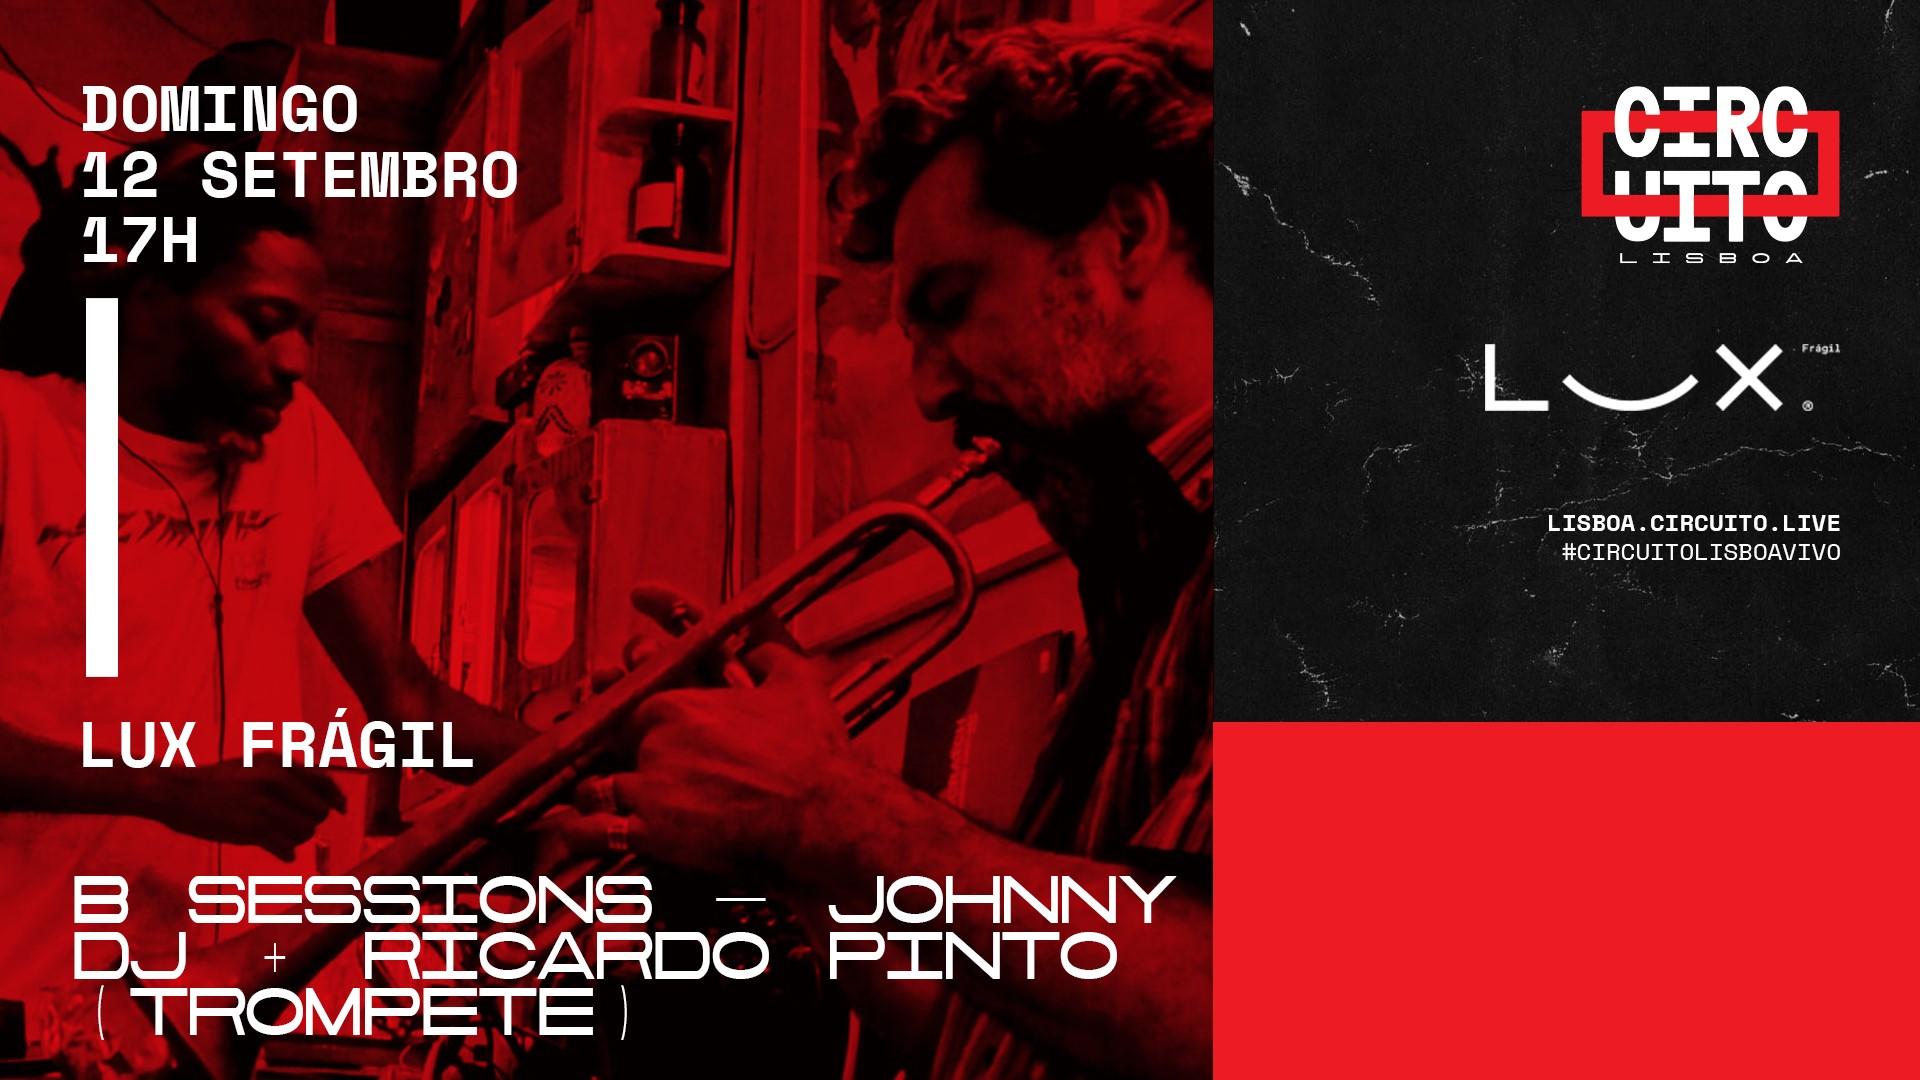 B Sessions: DJ Johnny x Ricardo Pinto (trompete)